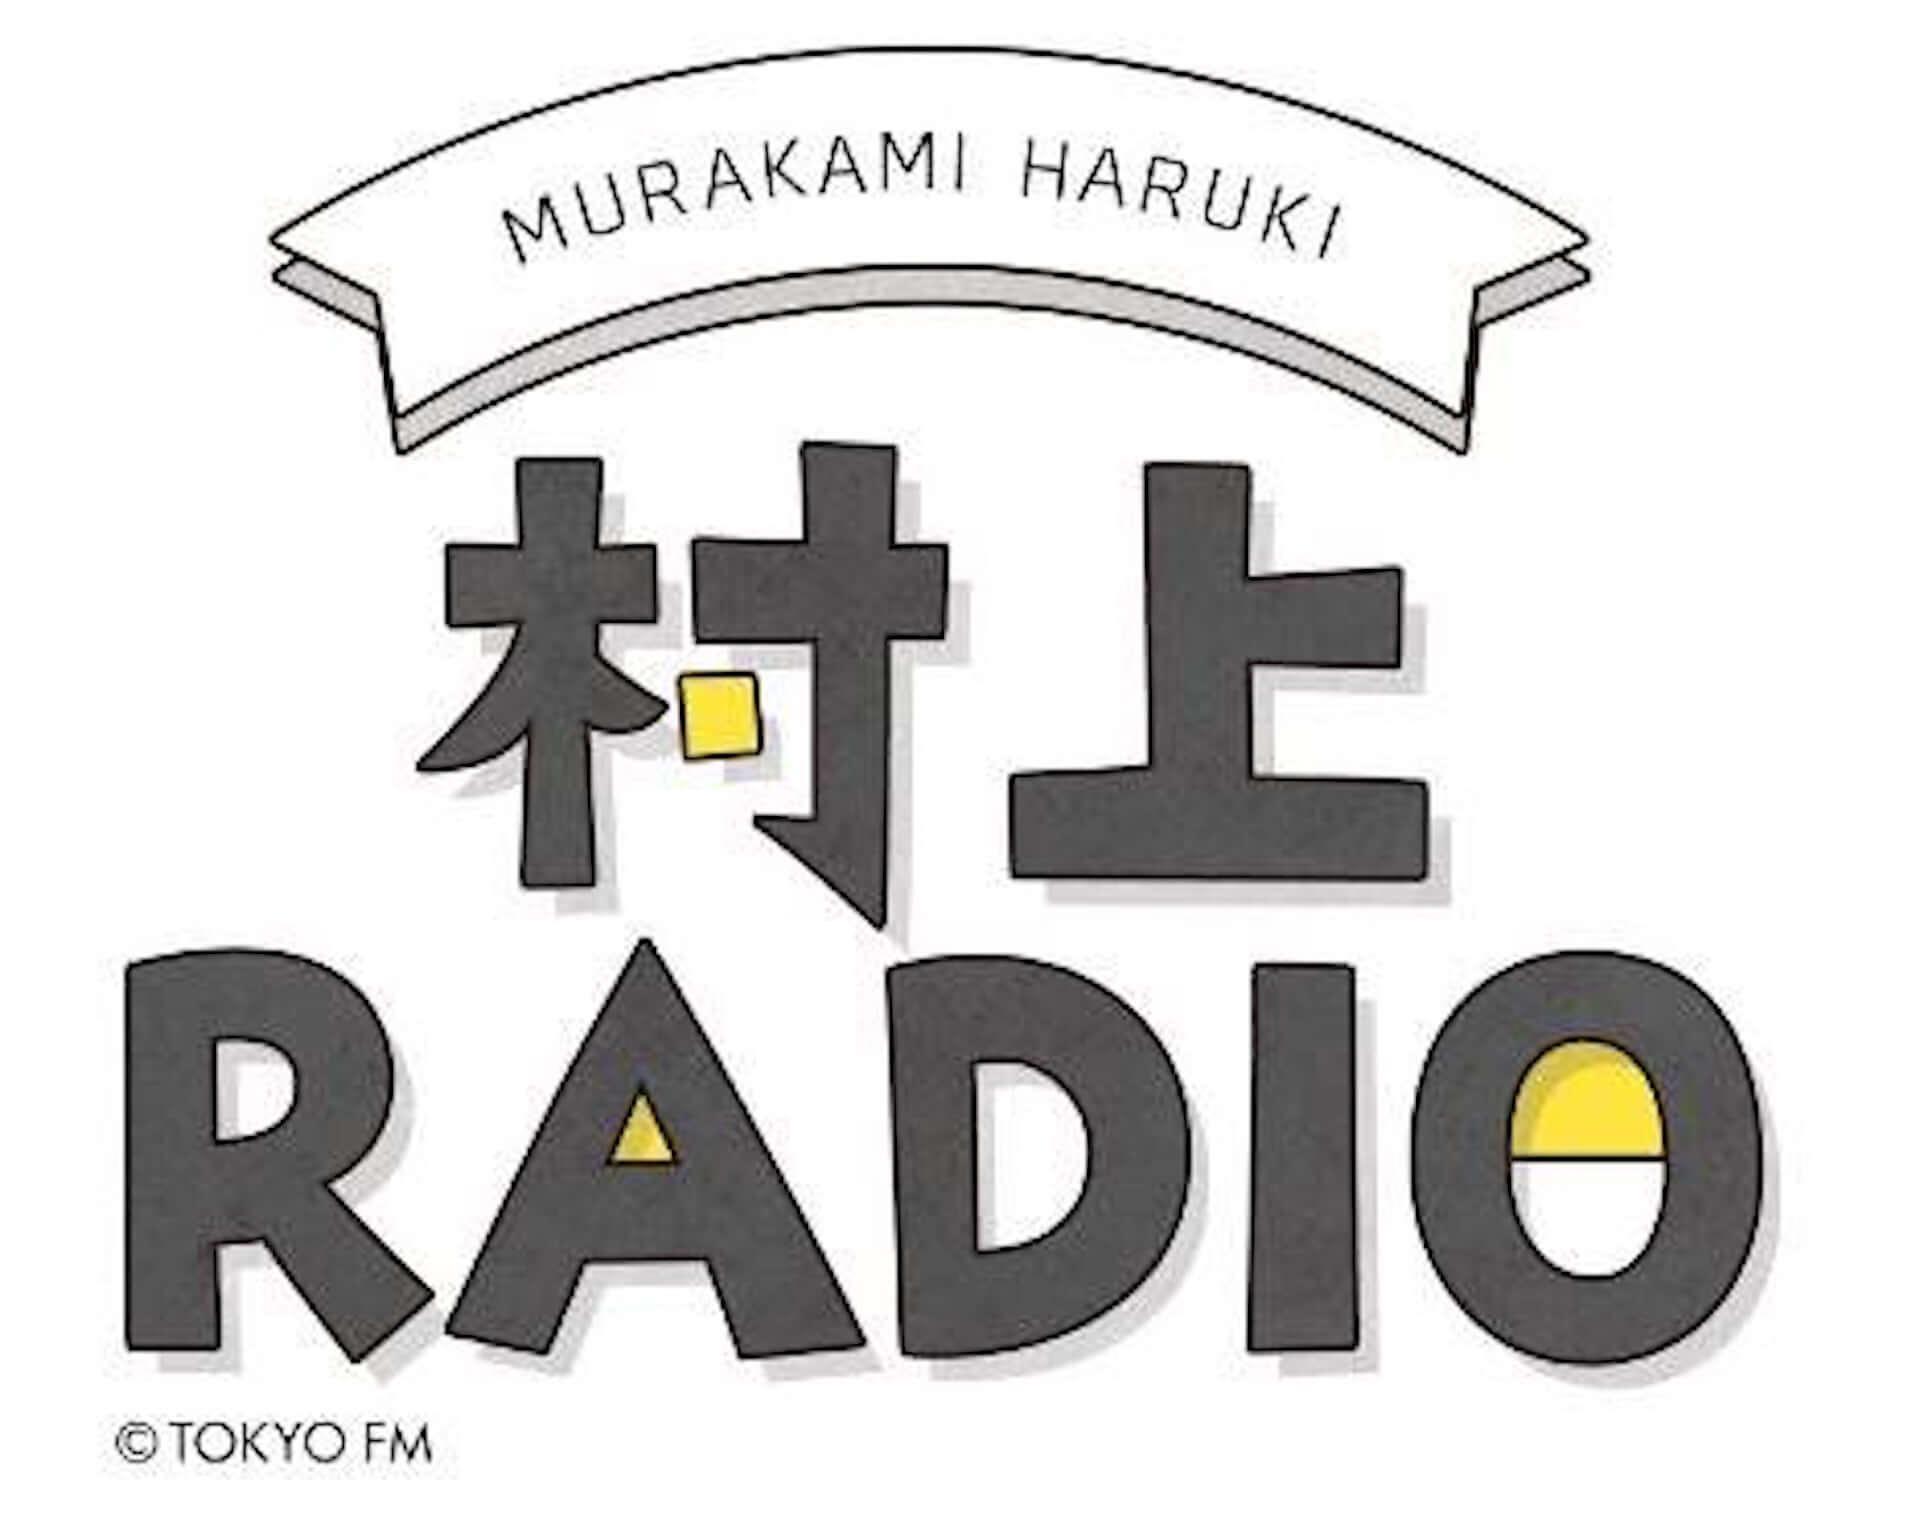 """DJ村上春樹の『村上RADIO』緊急特番が放送決定!村上「""""明日をあかるく迎えるための歌""""を集めた番組ができれば」 art200511_murakamiharuki_radio_2-1920x1529"""